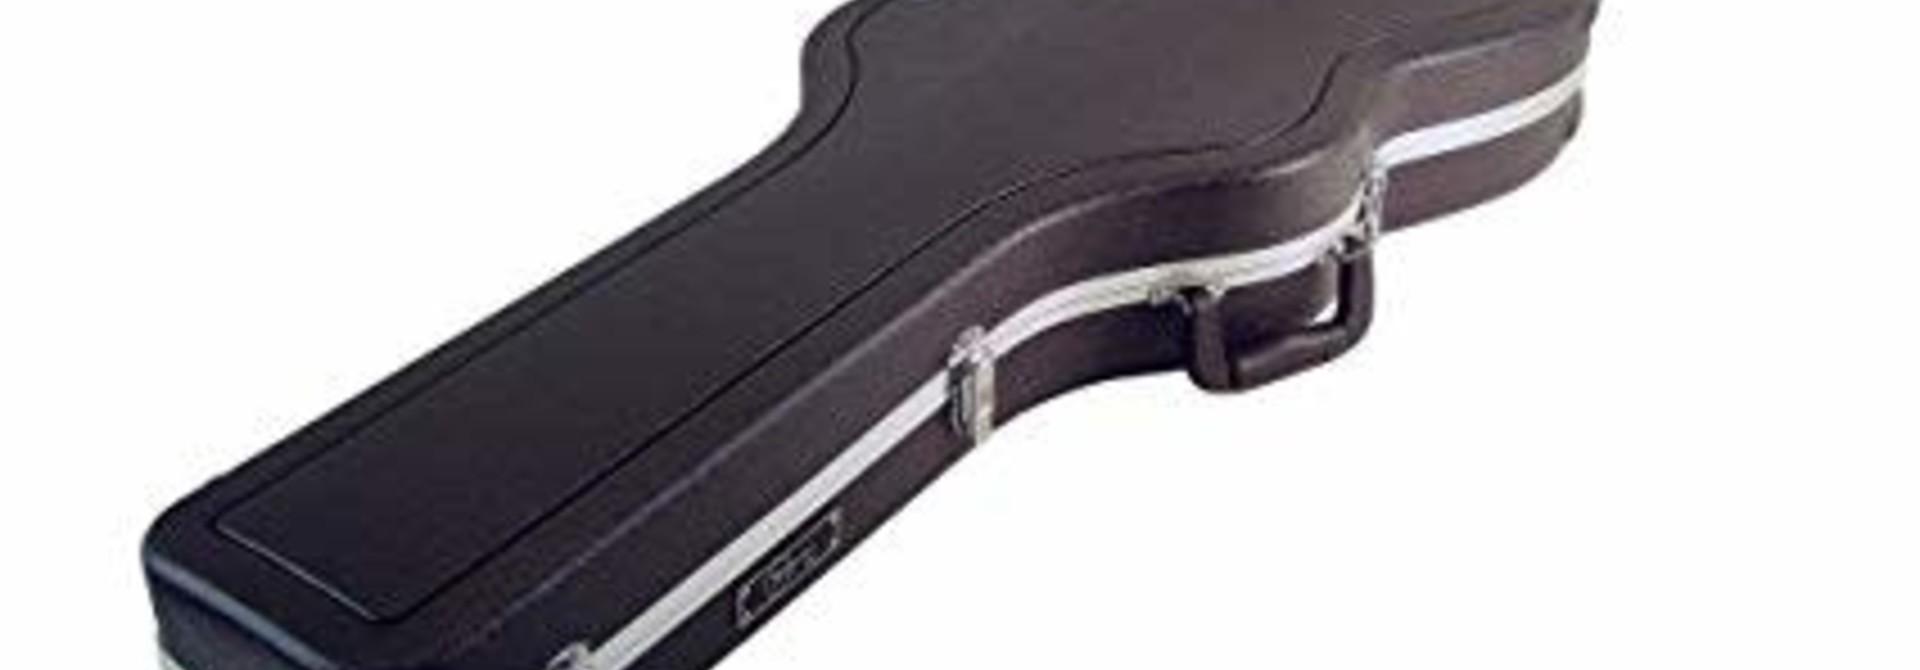 ProRockGear RGM370C DLX ABS Les Paul Case